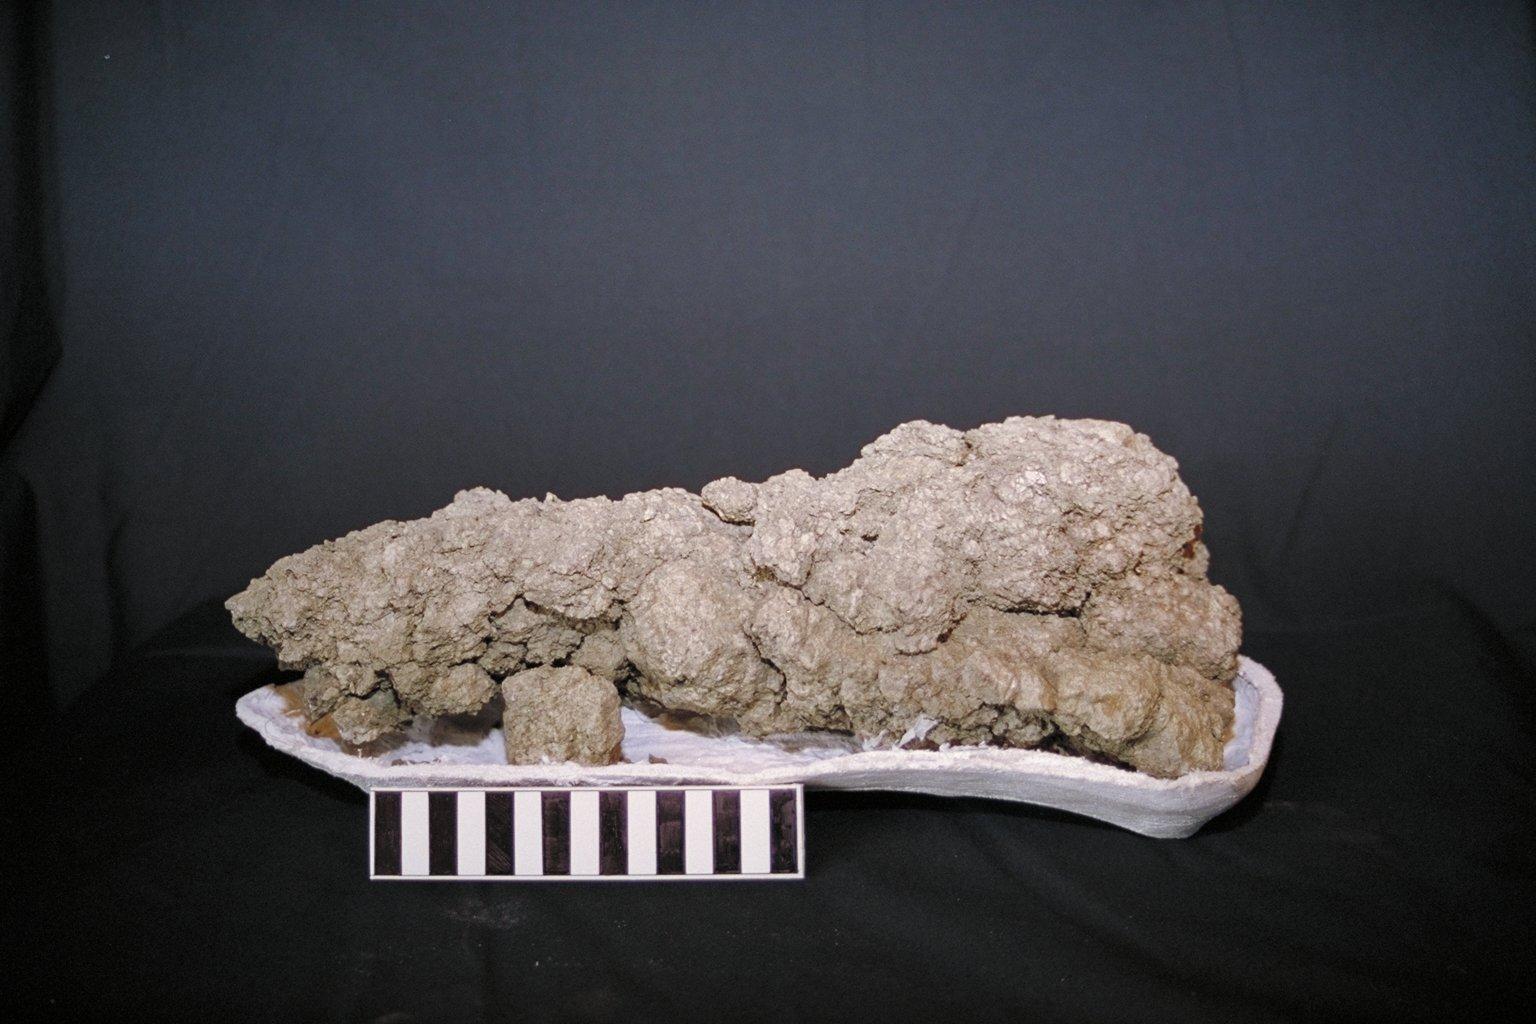 Fosilizovaný trus (koprolit) obřího pozdně křídového teropoda, objevený v sedimentech souvrství Frenchman na území kanadské provincie Saskatchewan. Téměř s jistotou se jedná o koprolit, jehož původcem byl proslulý teropod druhu Tyrannosaurus rex. Kre